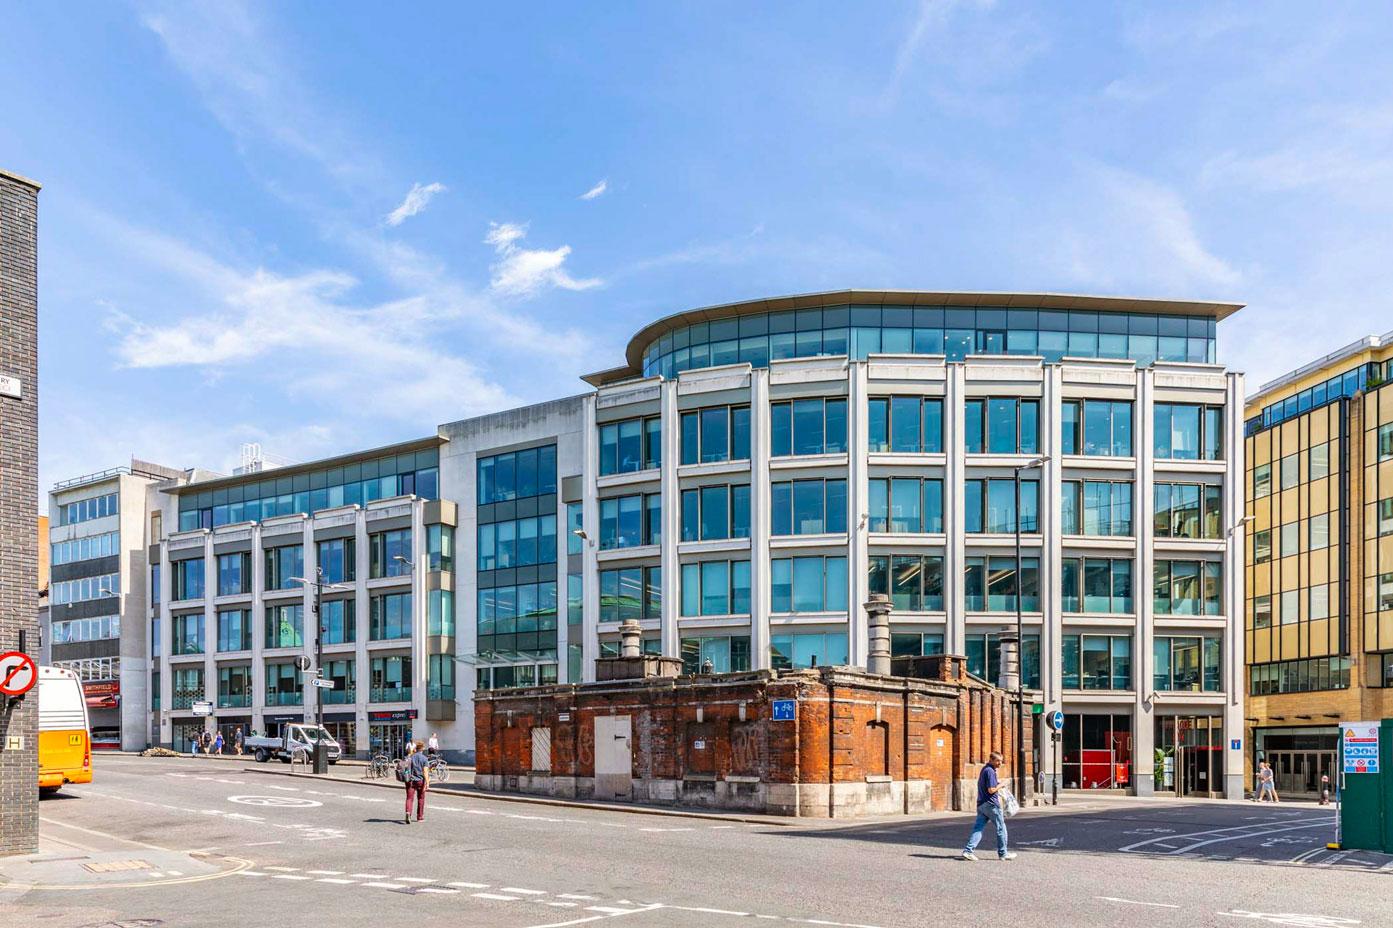 23 – 30 Hosier Lane, London